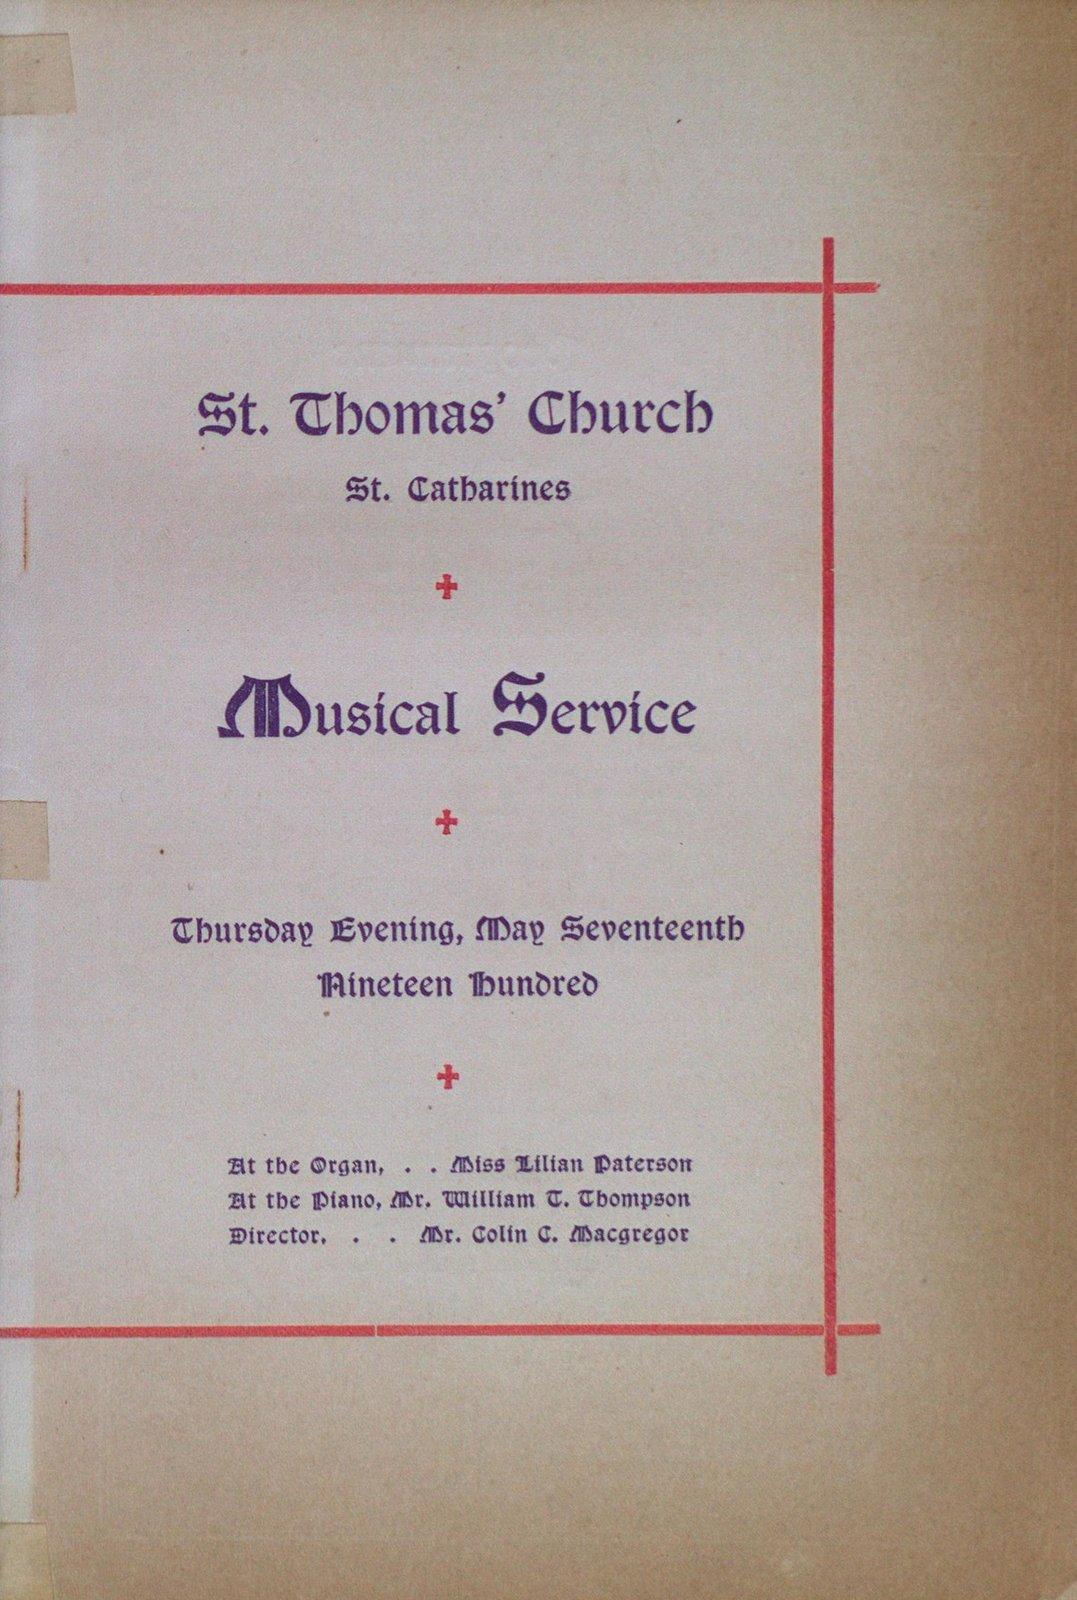 Teresa Vanderburgh's Musical Scrapbook #2 - St. Thomas' Church Musical Service